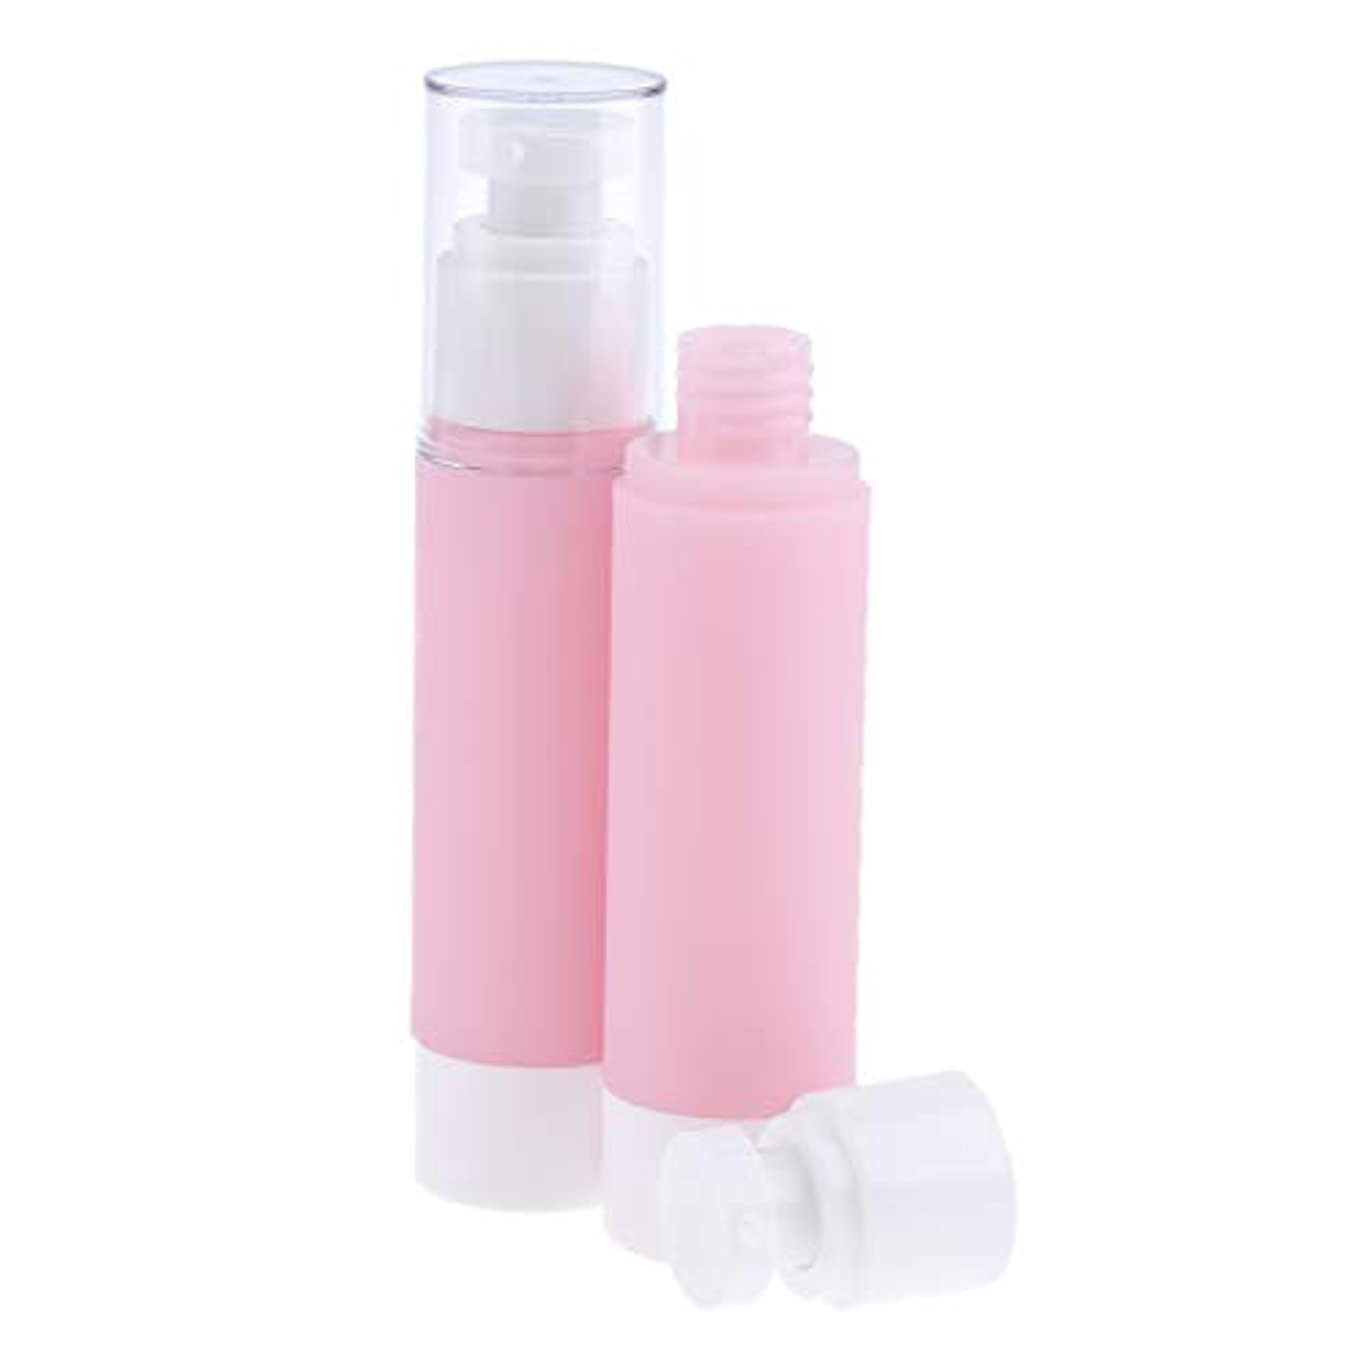 静める大砲エゴイズムF Fityle 2個 スプレーボトル 化粧品容器 空ボトル メイクアップ エアレスポンプボトル 4サイズ選べ - 100ミリリットル